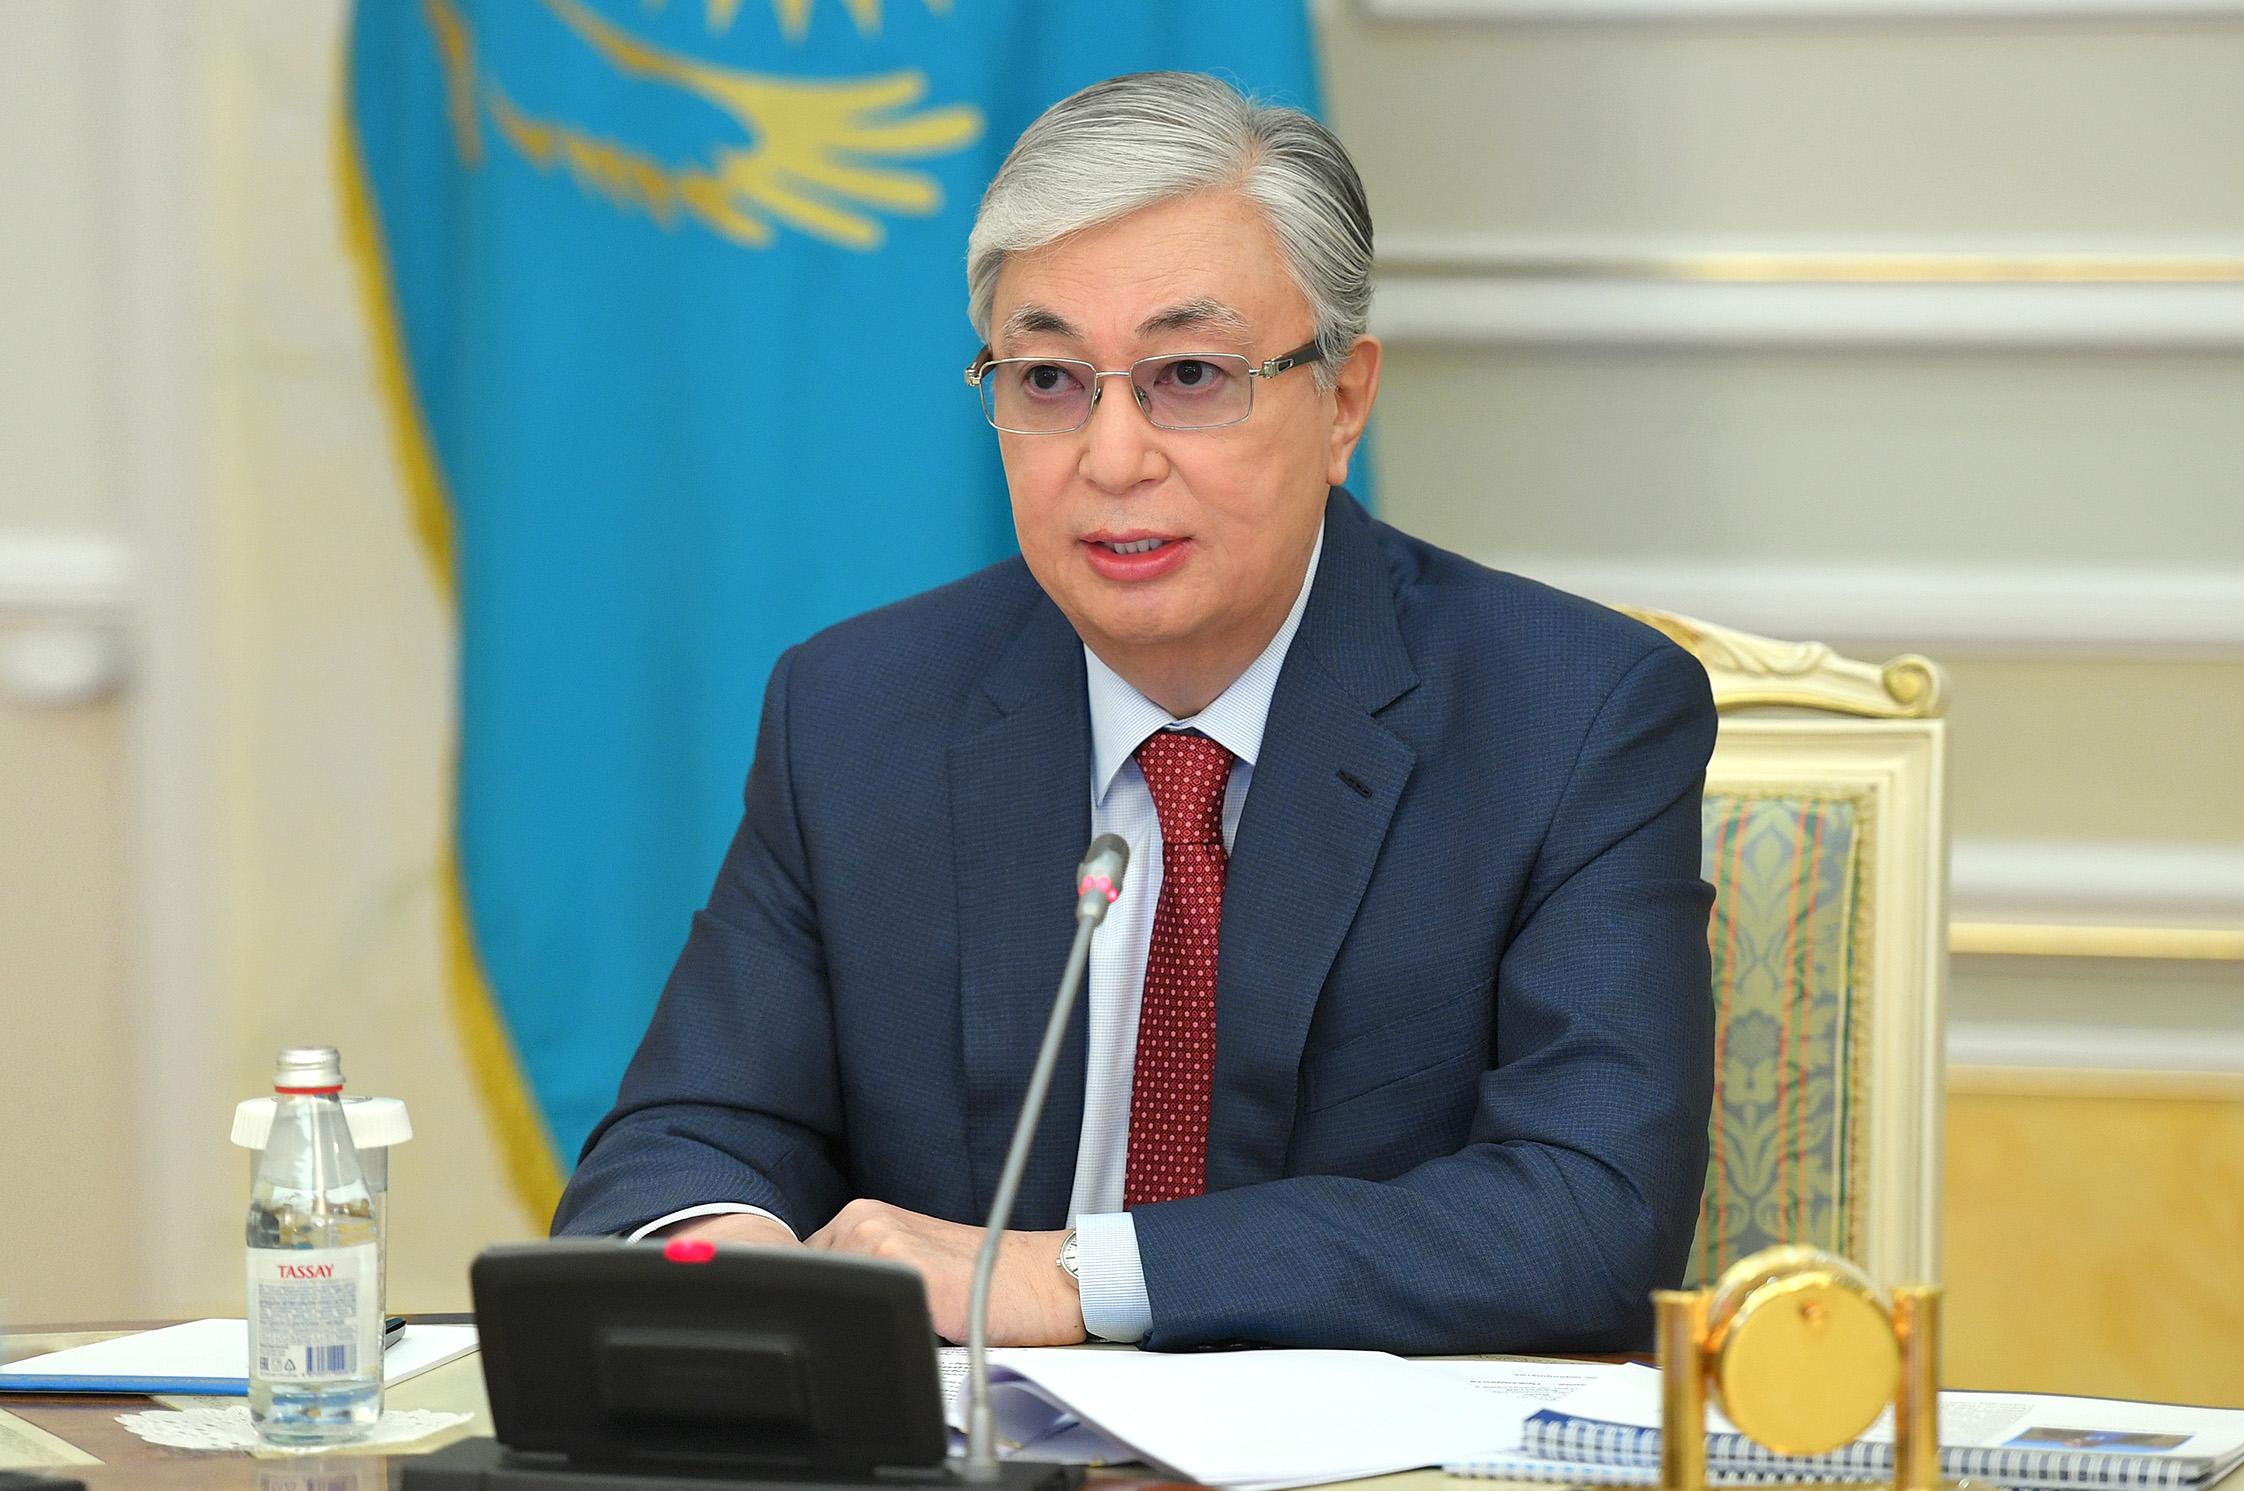 Касым-Жомарт Токаев поздравил победителей проекта «100 новых лиц Казахстана»